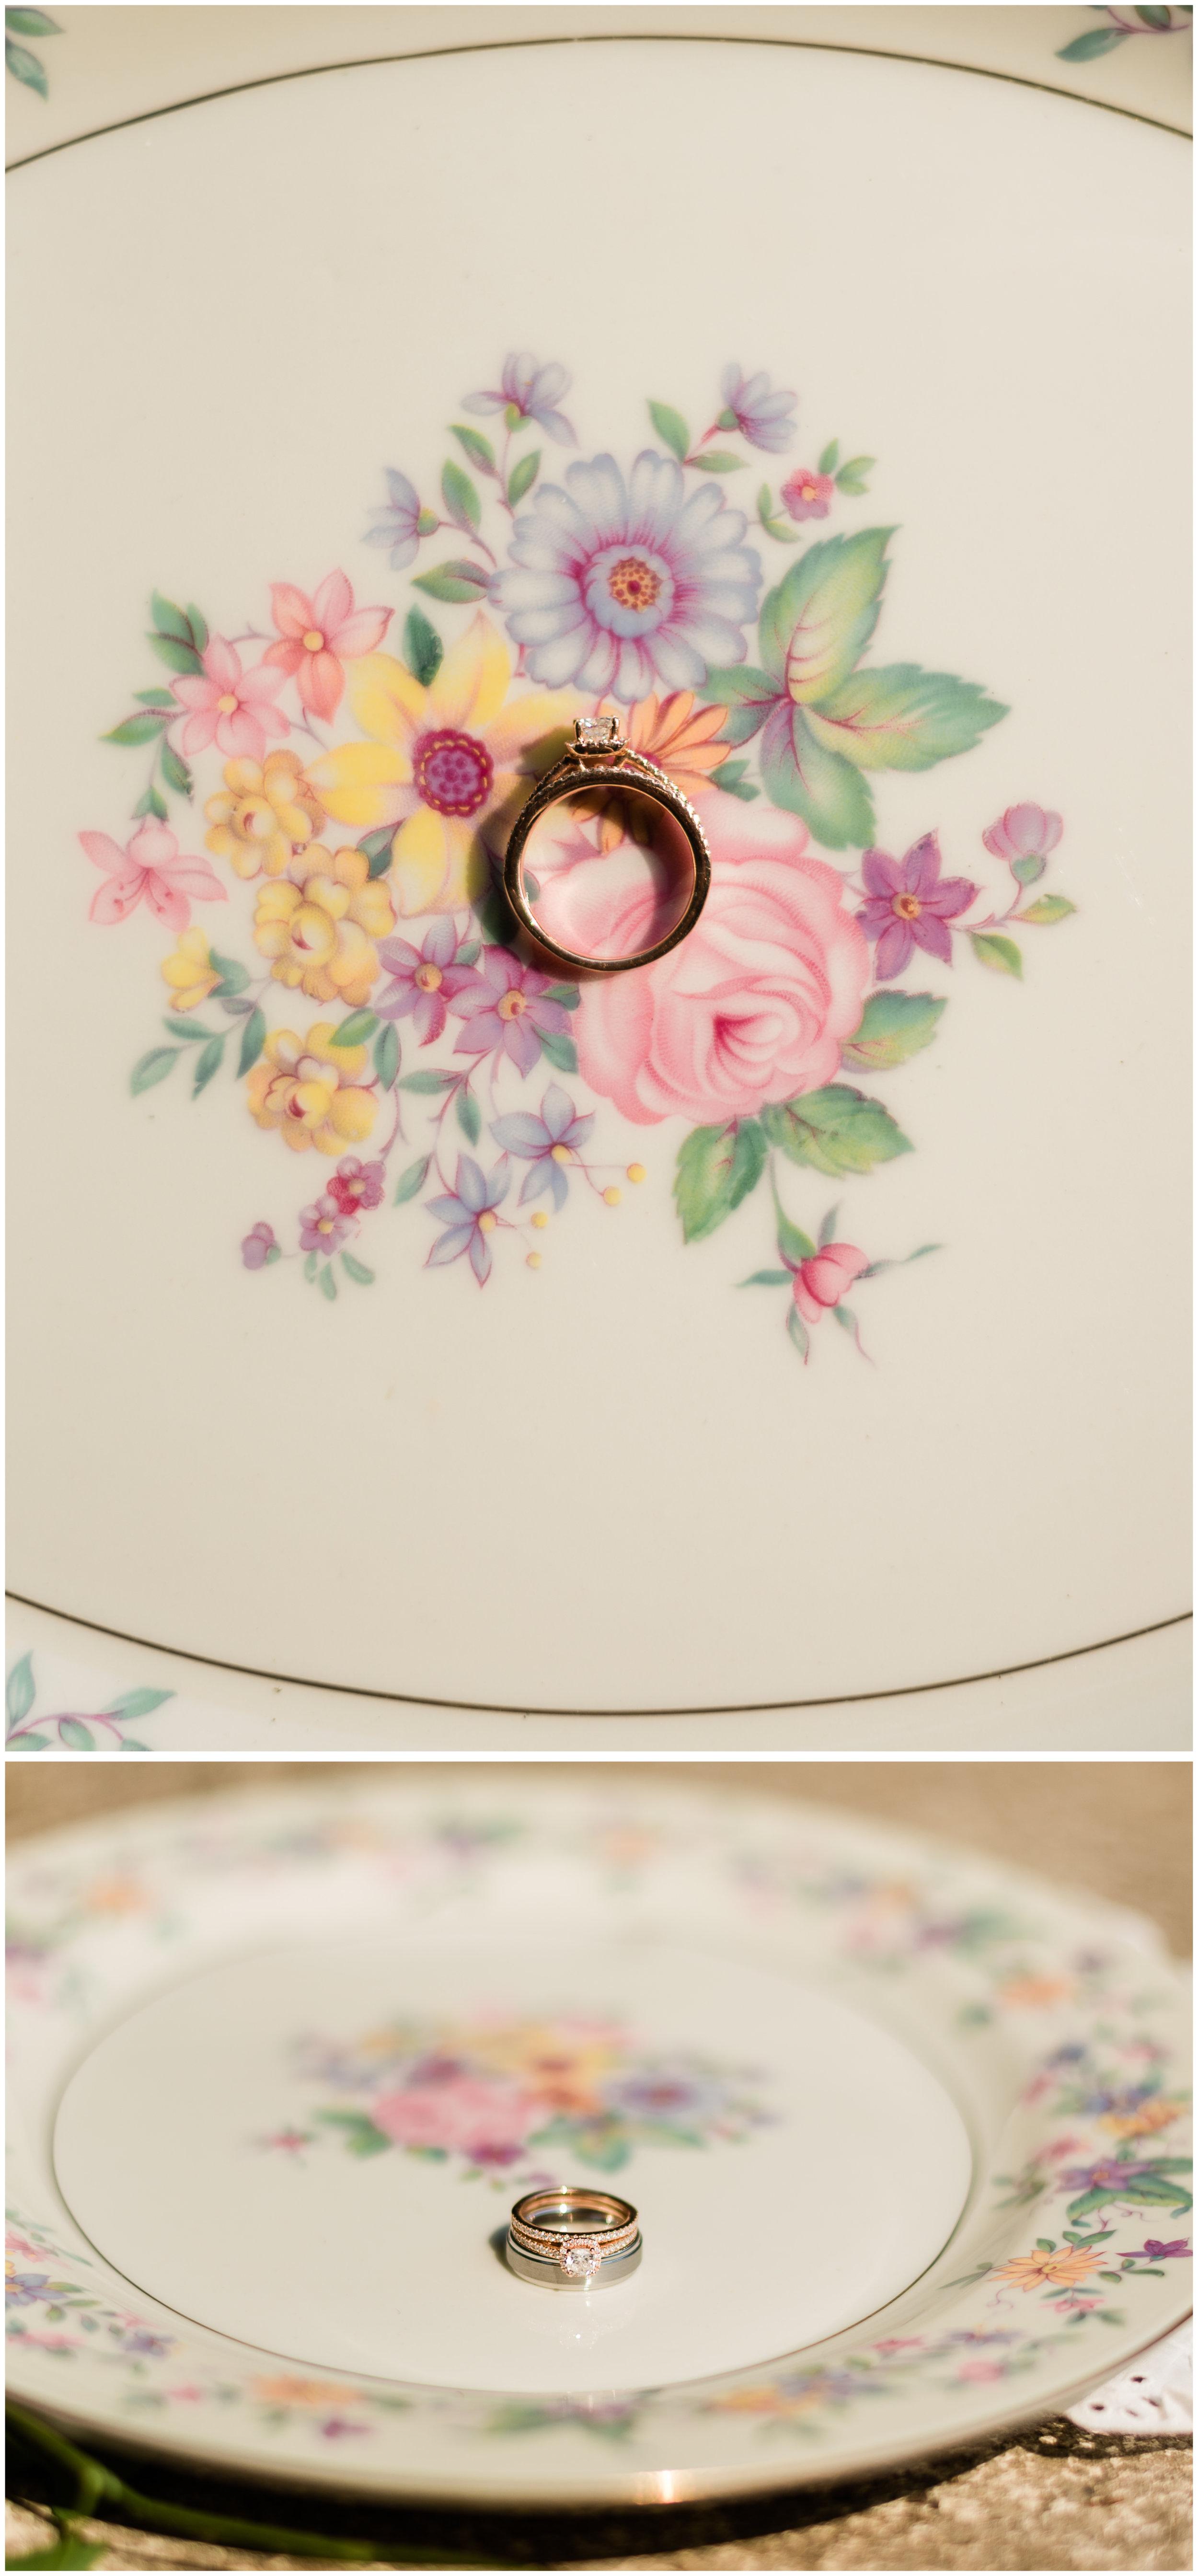 Vintage plate wedding rings.jpg